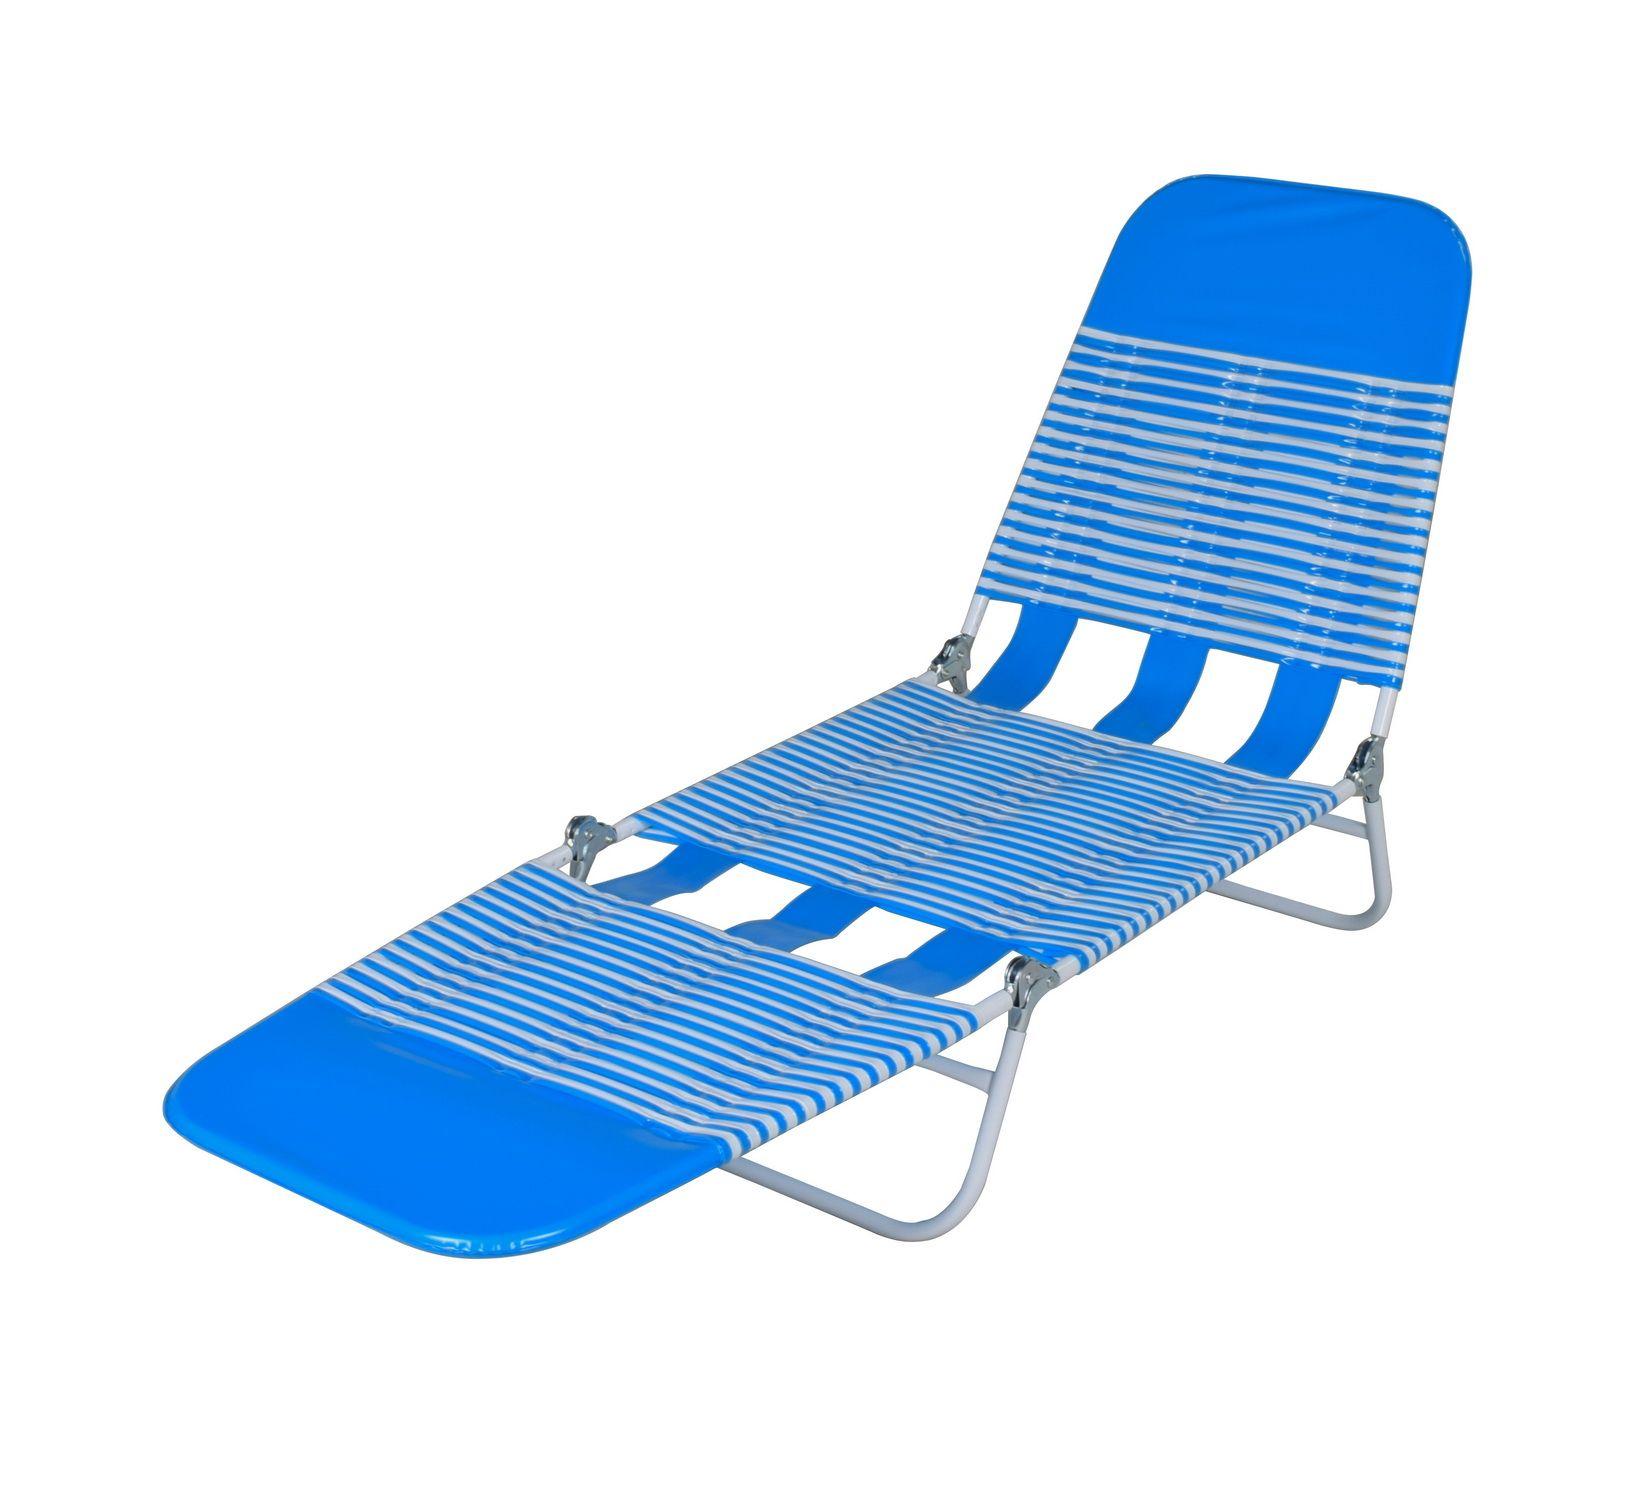 Pin on Beach furniture